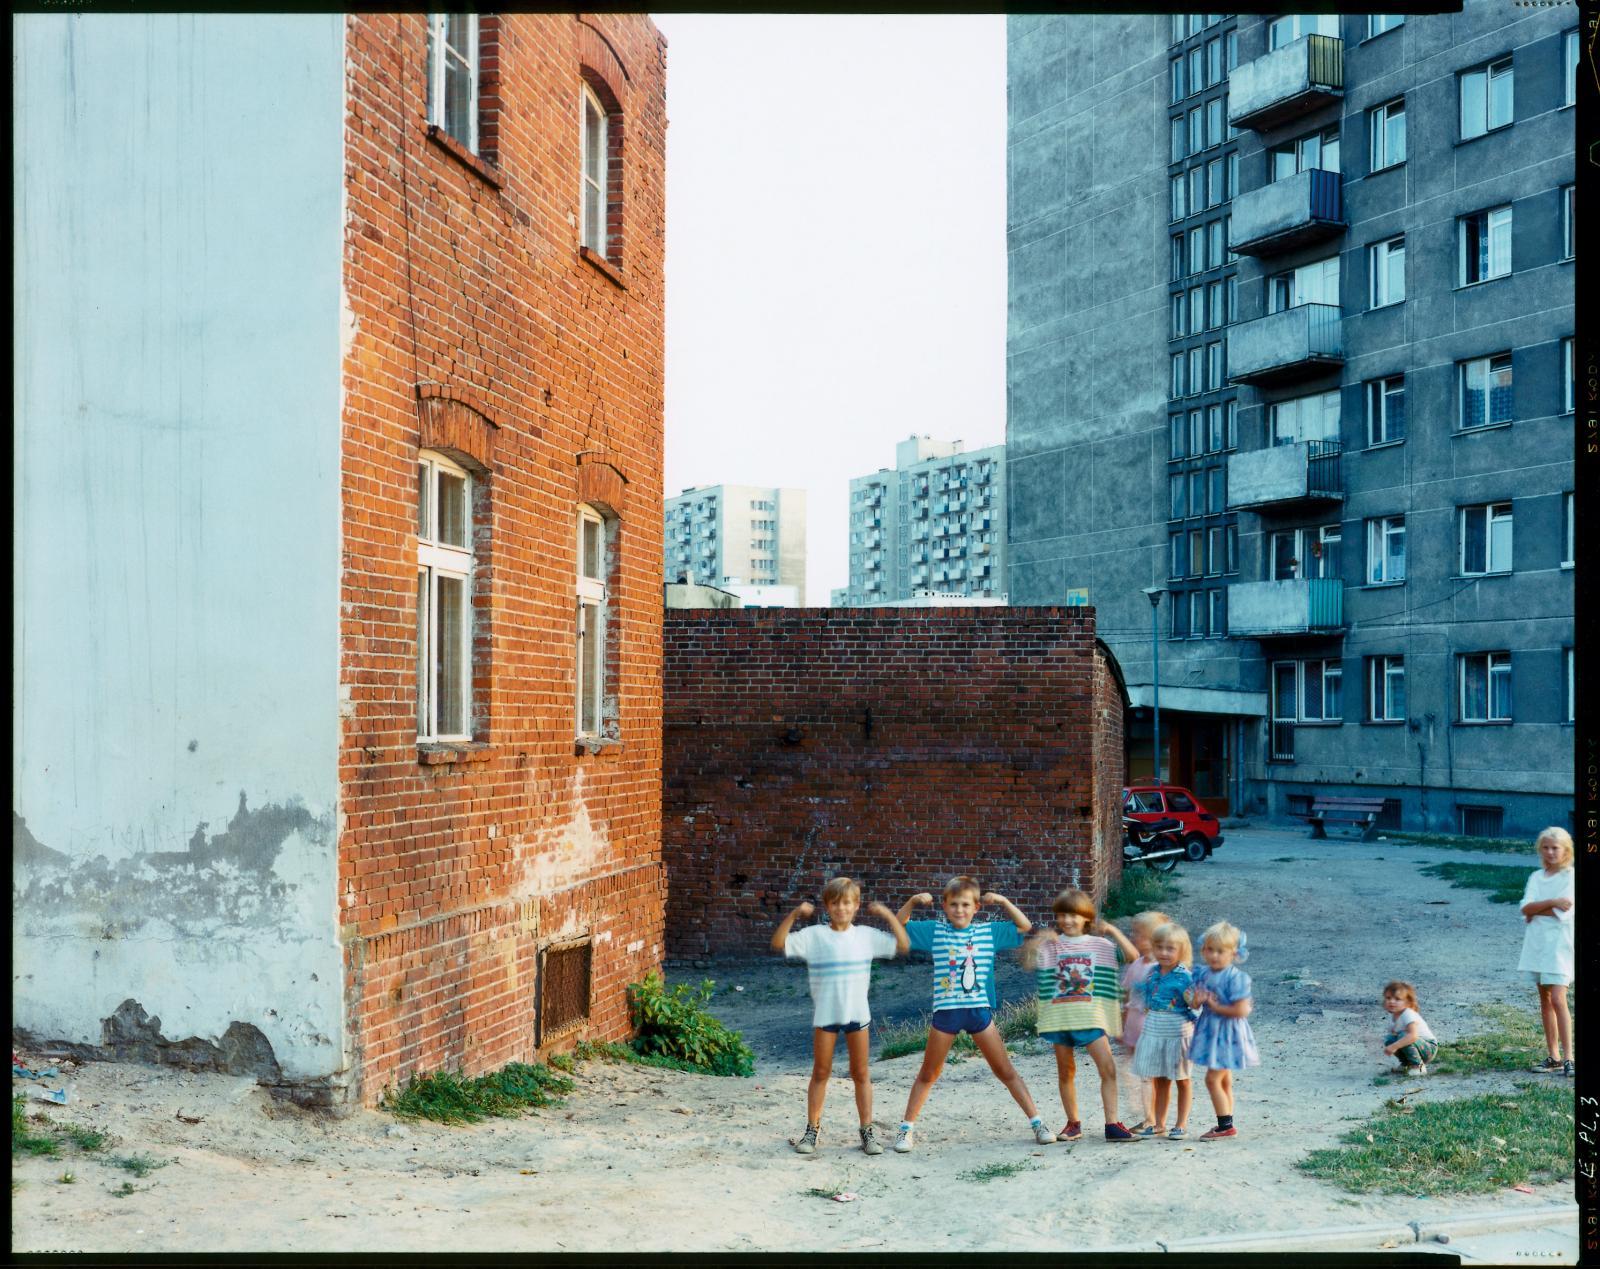 Guido Guidi (né en 1941), Malbork, Polonia, août 1994. Don du Comité pour la photographie, société des Amis du musée d'Art moderne de la Ville de Pari